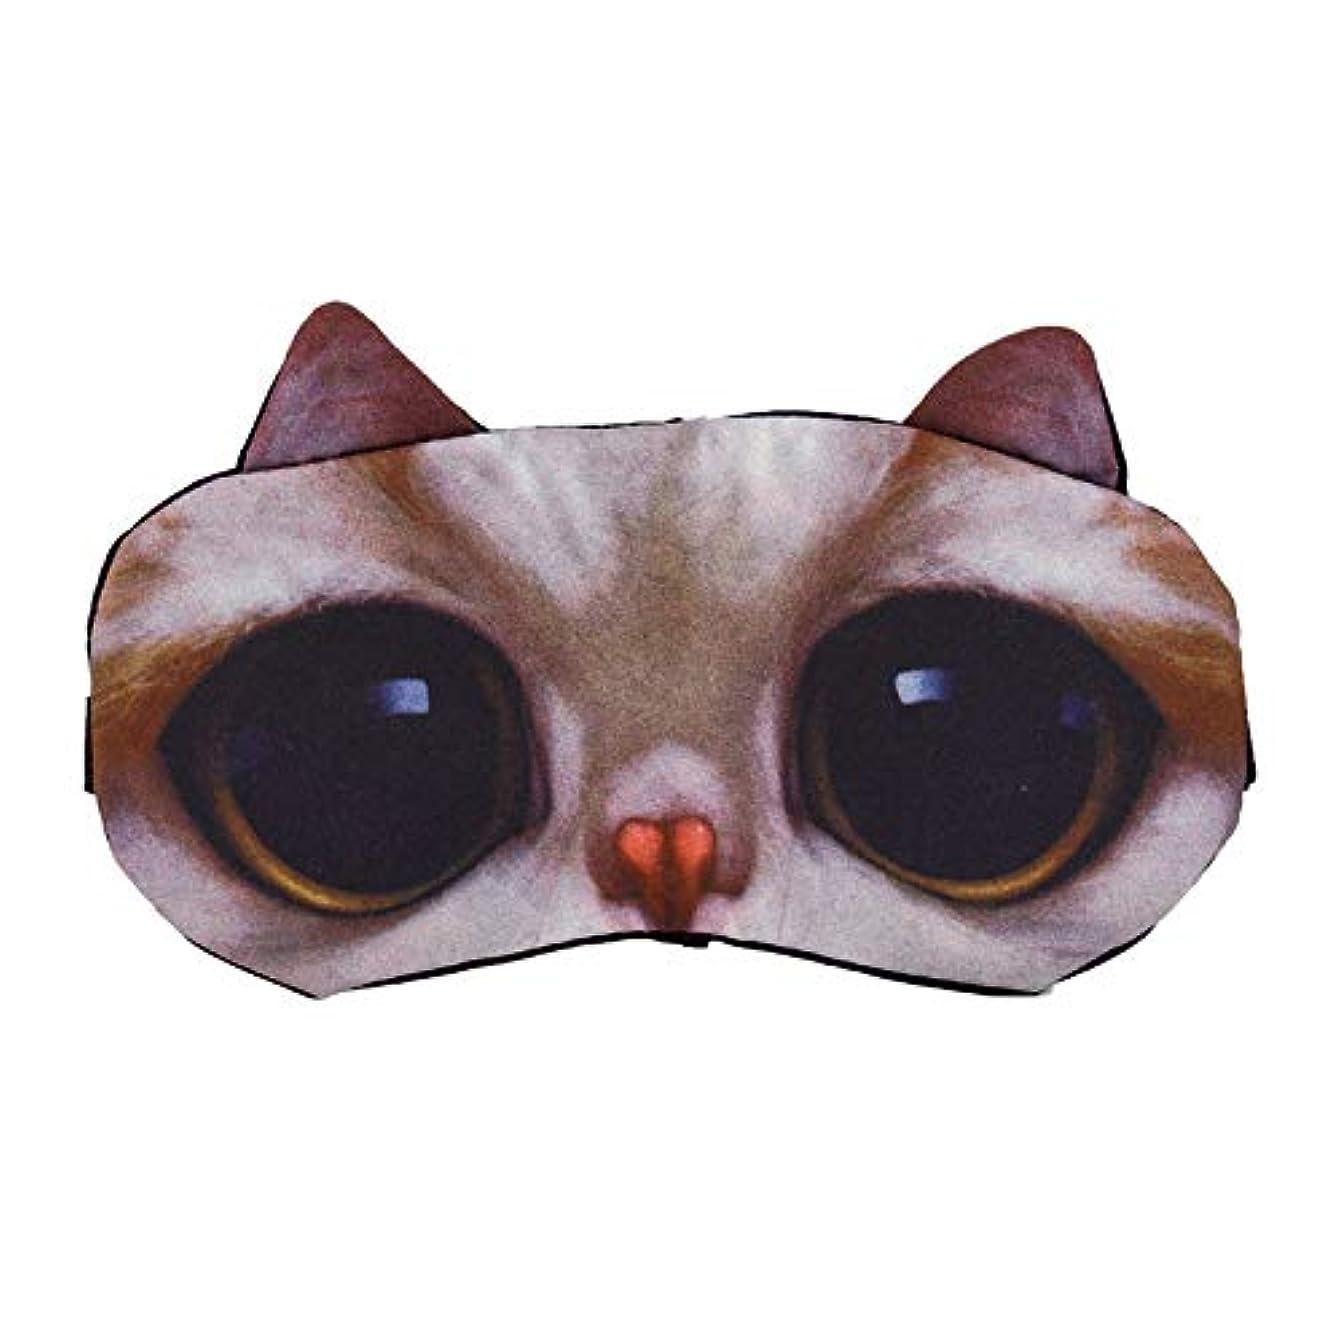 ハンバーガールーフ回転NOTE 3d漫画の動物のアイマスクかわいい旅行エイド睡眠残りシェード睡眠マスクカバーソフト睡眠マスク援助ナップシェードメイクアップアイケア